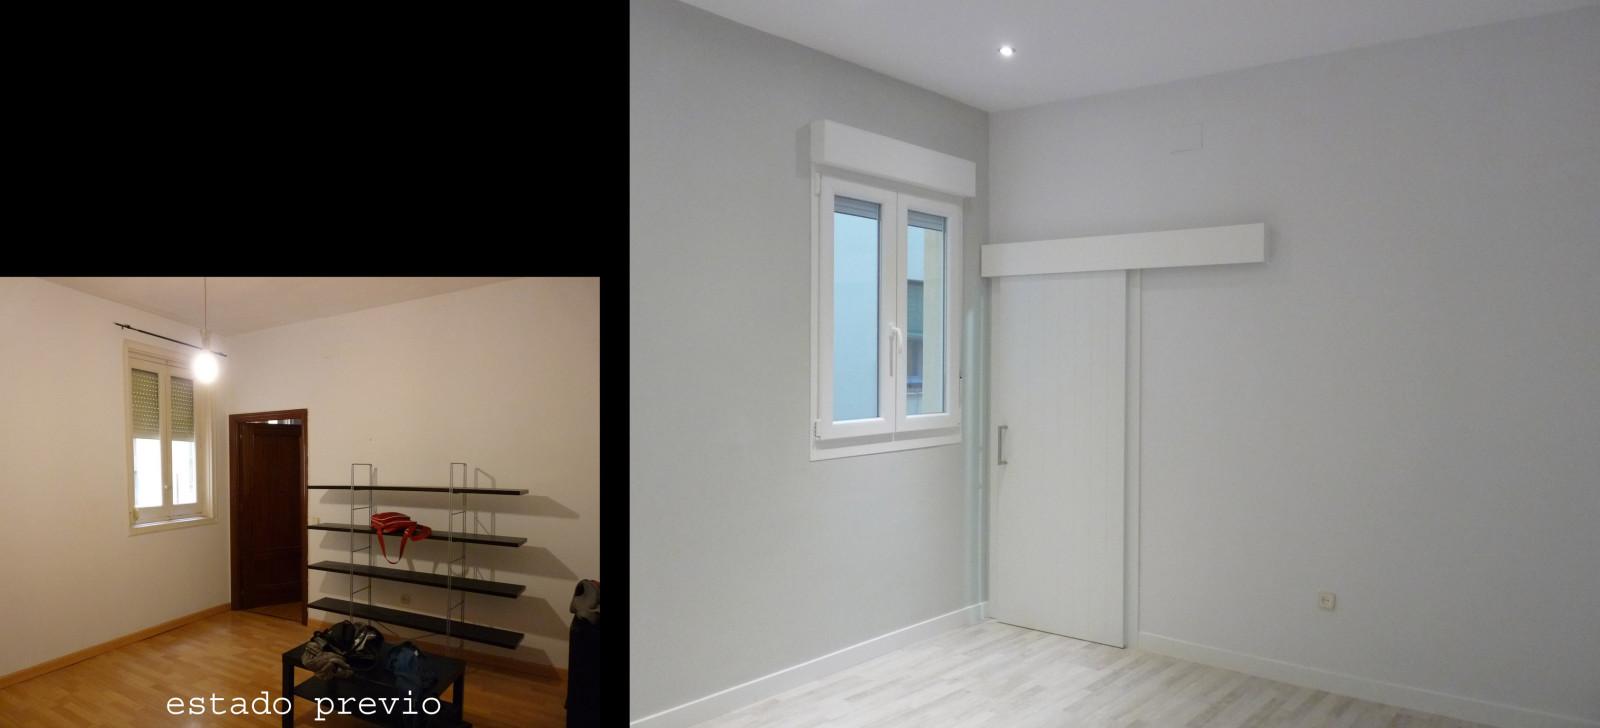 Al ser una vivienda en alquiler se eligieron tonos neutros para no condicionar la decoración del próximo inquilino.